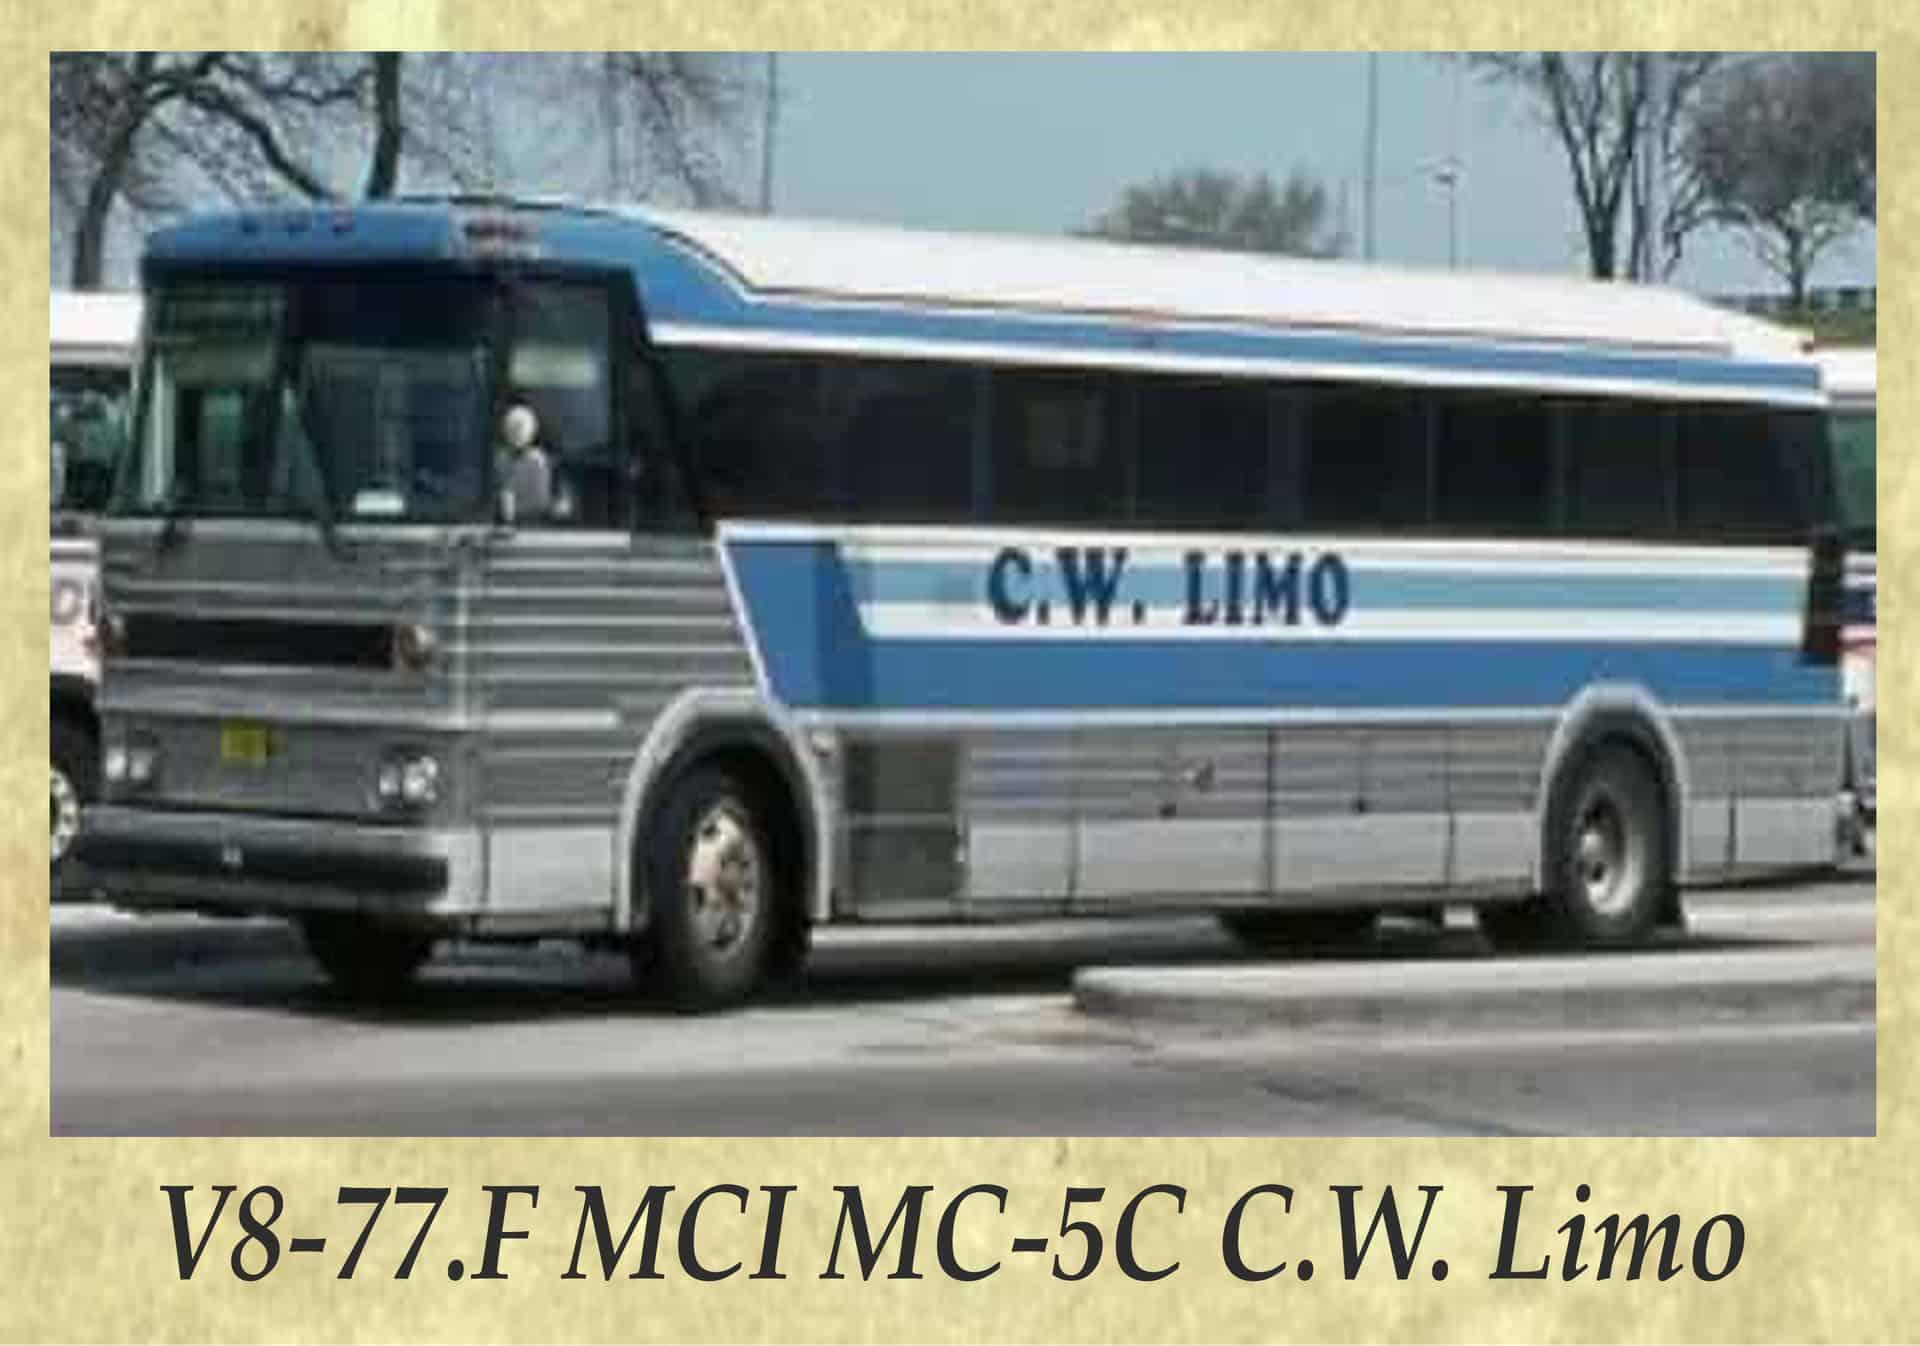 V8-77.F MCI MC-5C C.W. Limo